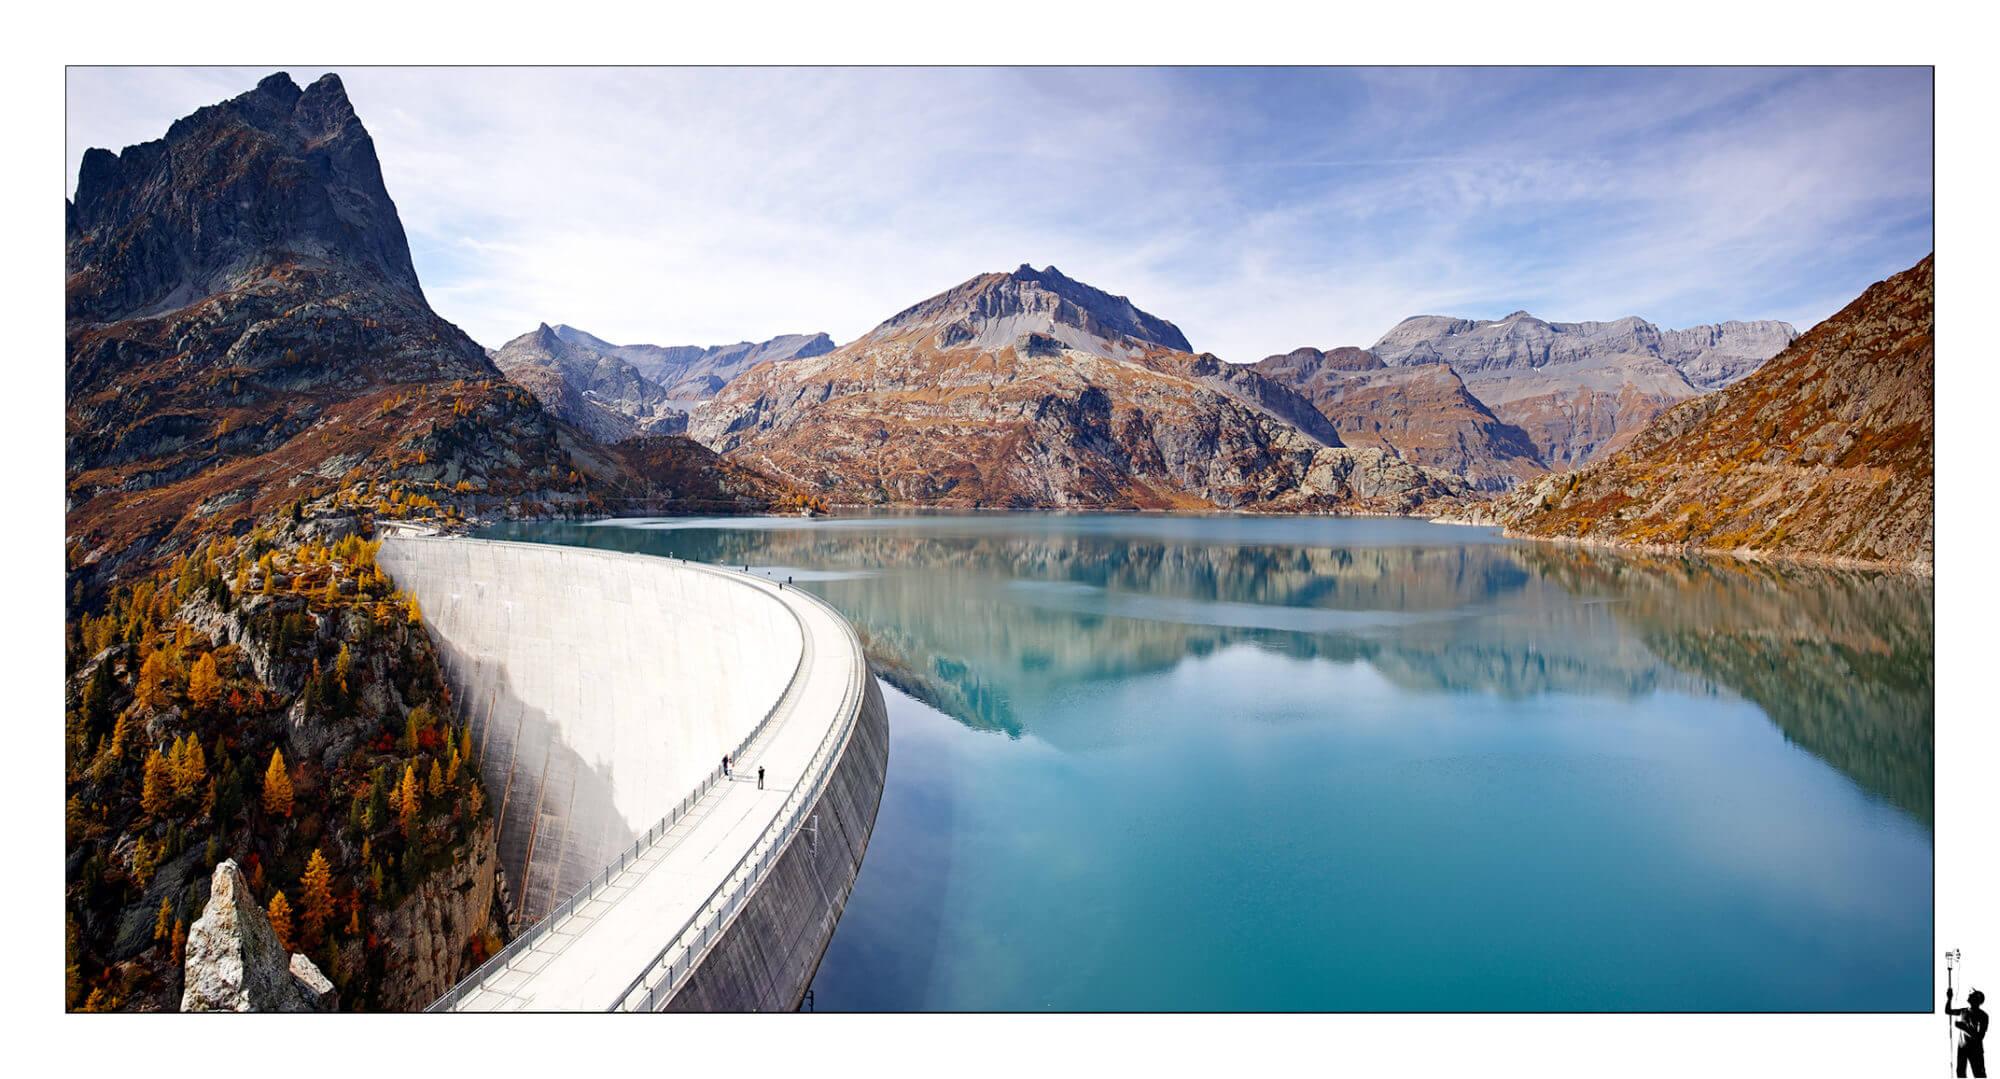 Deuxième image du célèbre barrage d'Emosson prise un peu plus haut